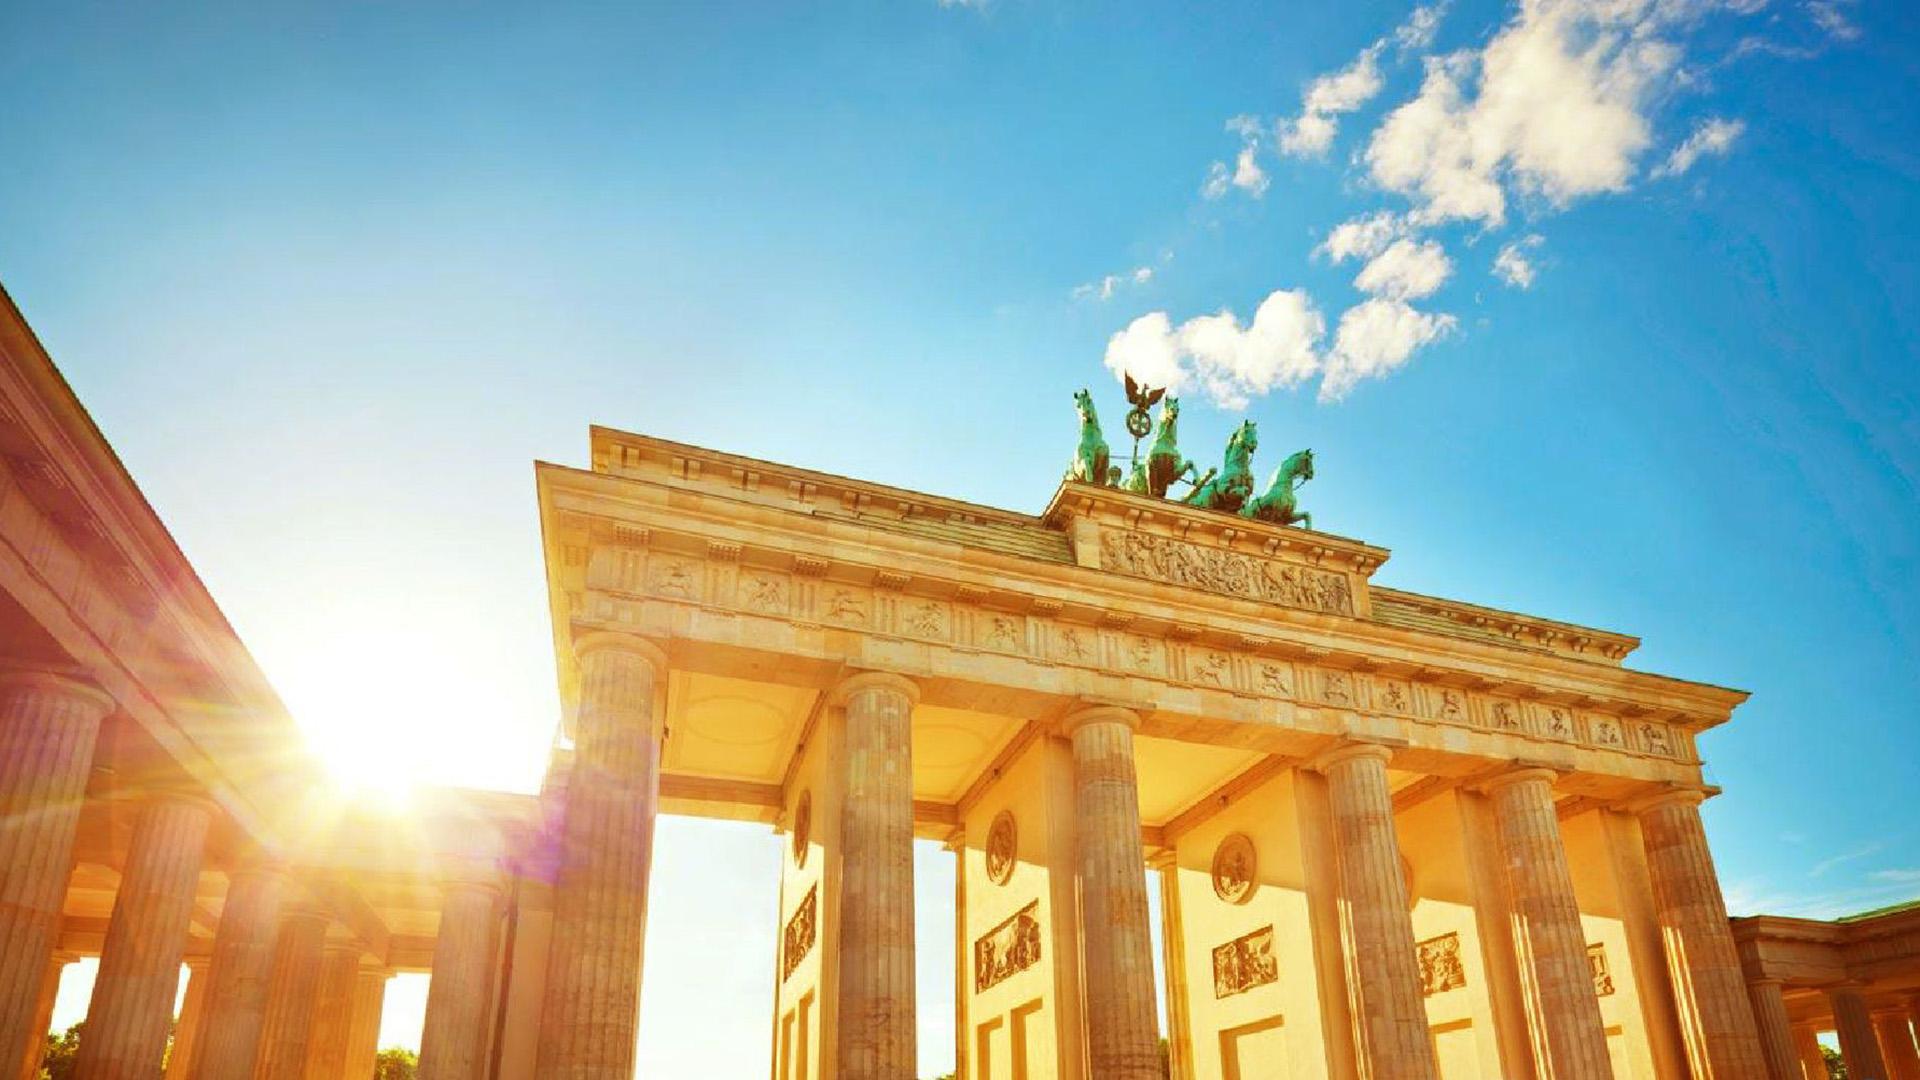 Brandenburg Gate Wallpaper 13   1920 X 1080 stmednet 1920x1080